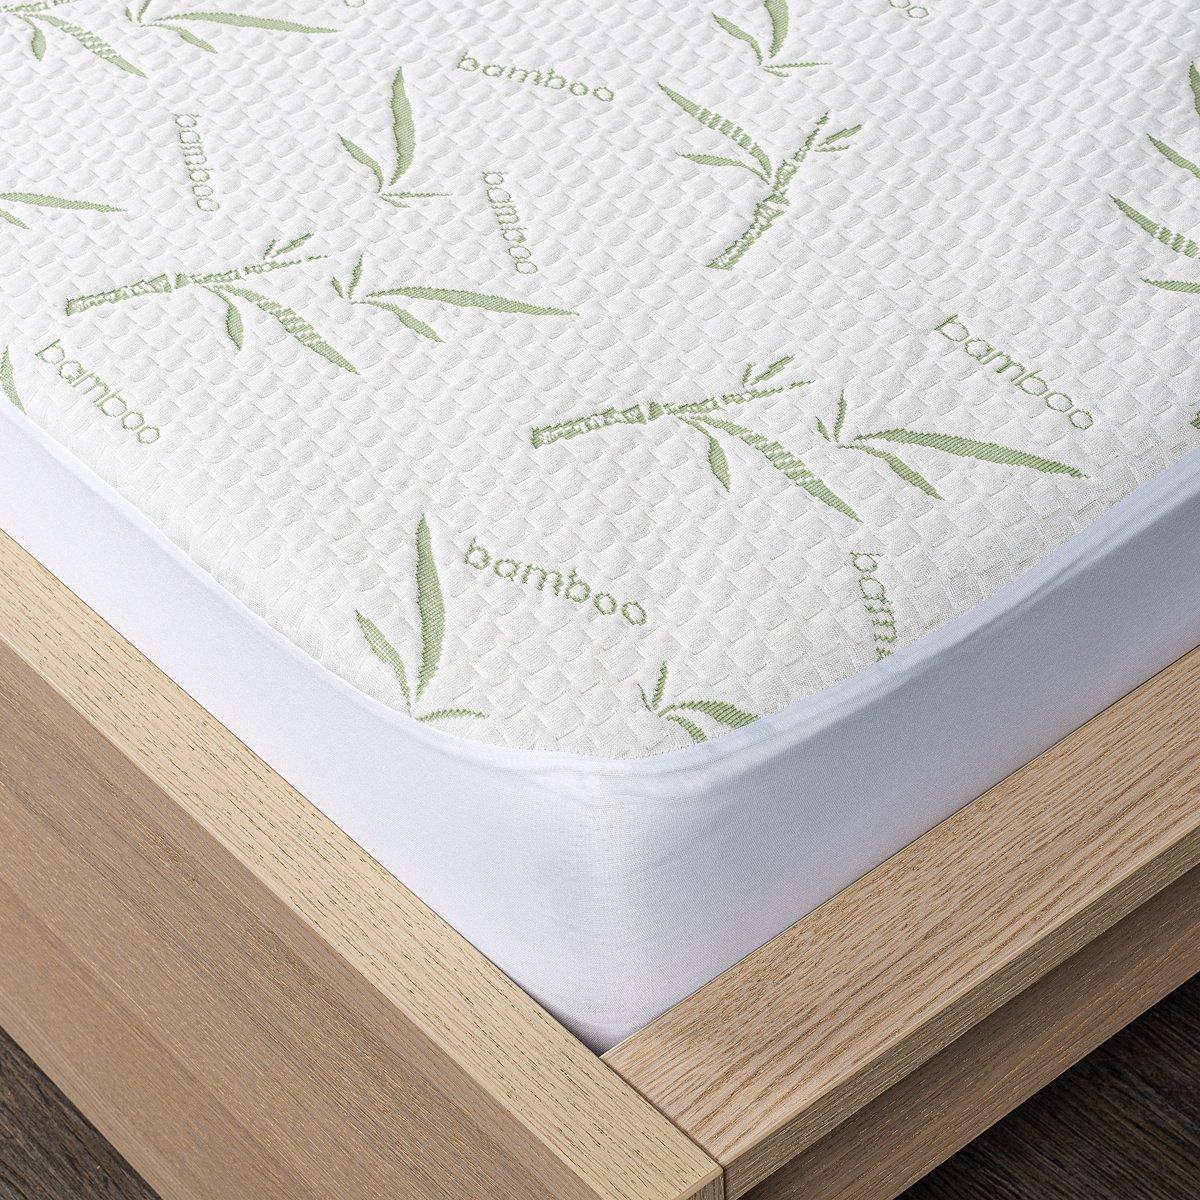 4Home Bamboo Chránič matrace s lemem